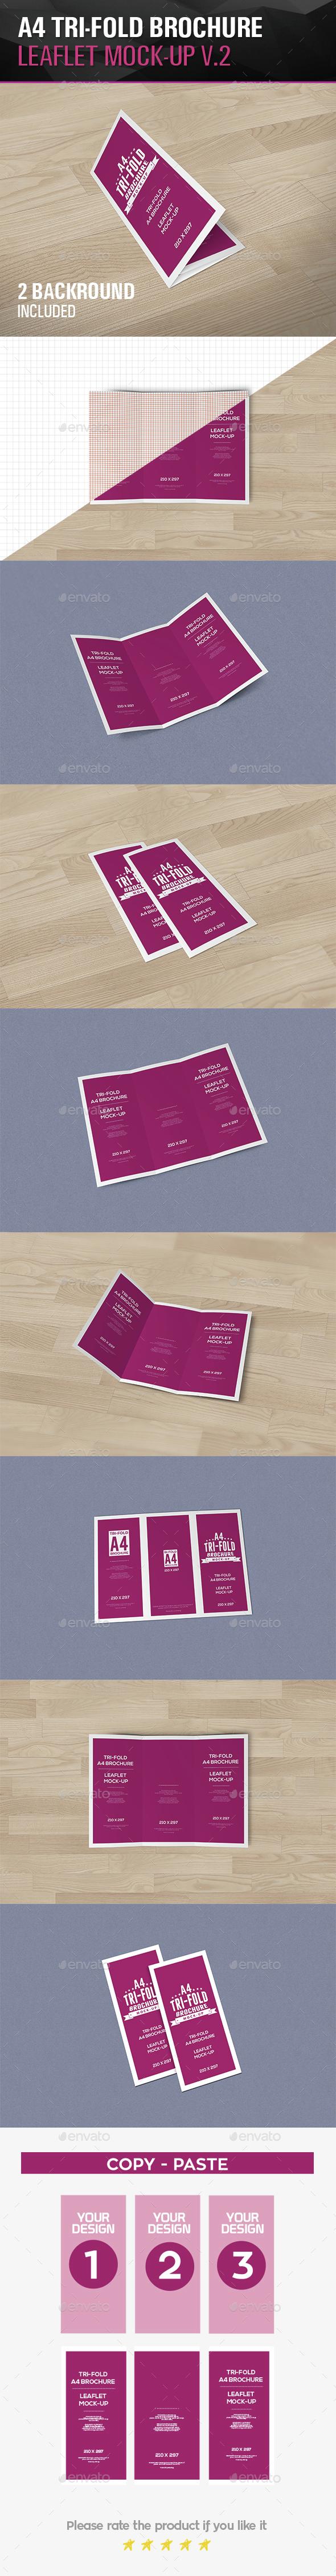 Tri-Fold Leaflet A4 brochure Mockups V.2 - Brochures Print